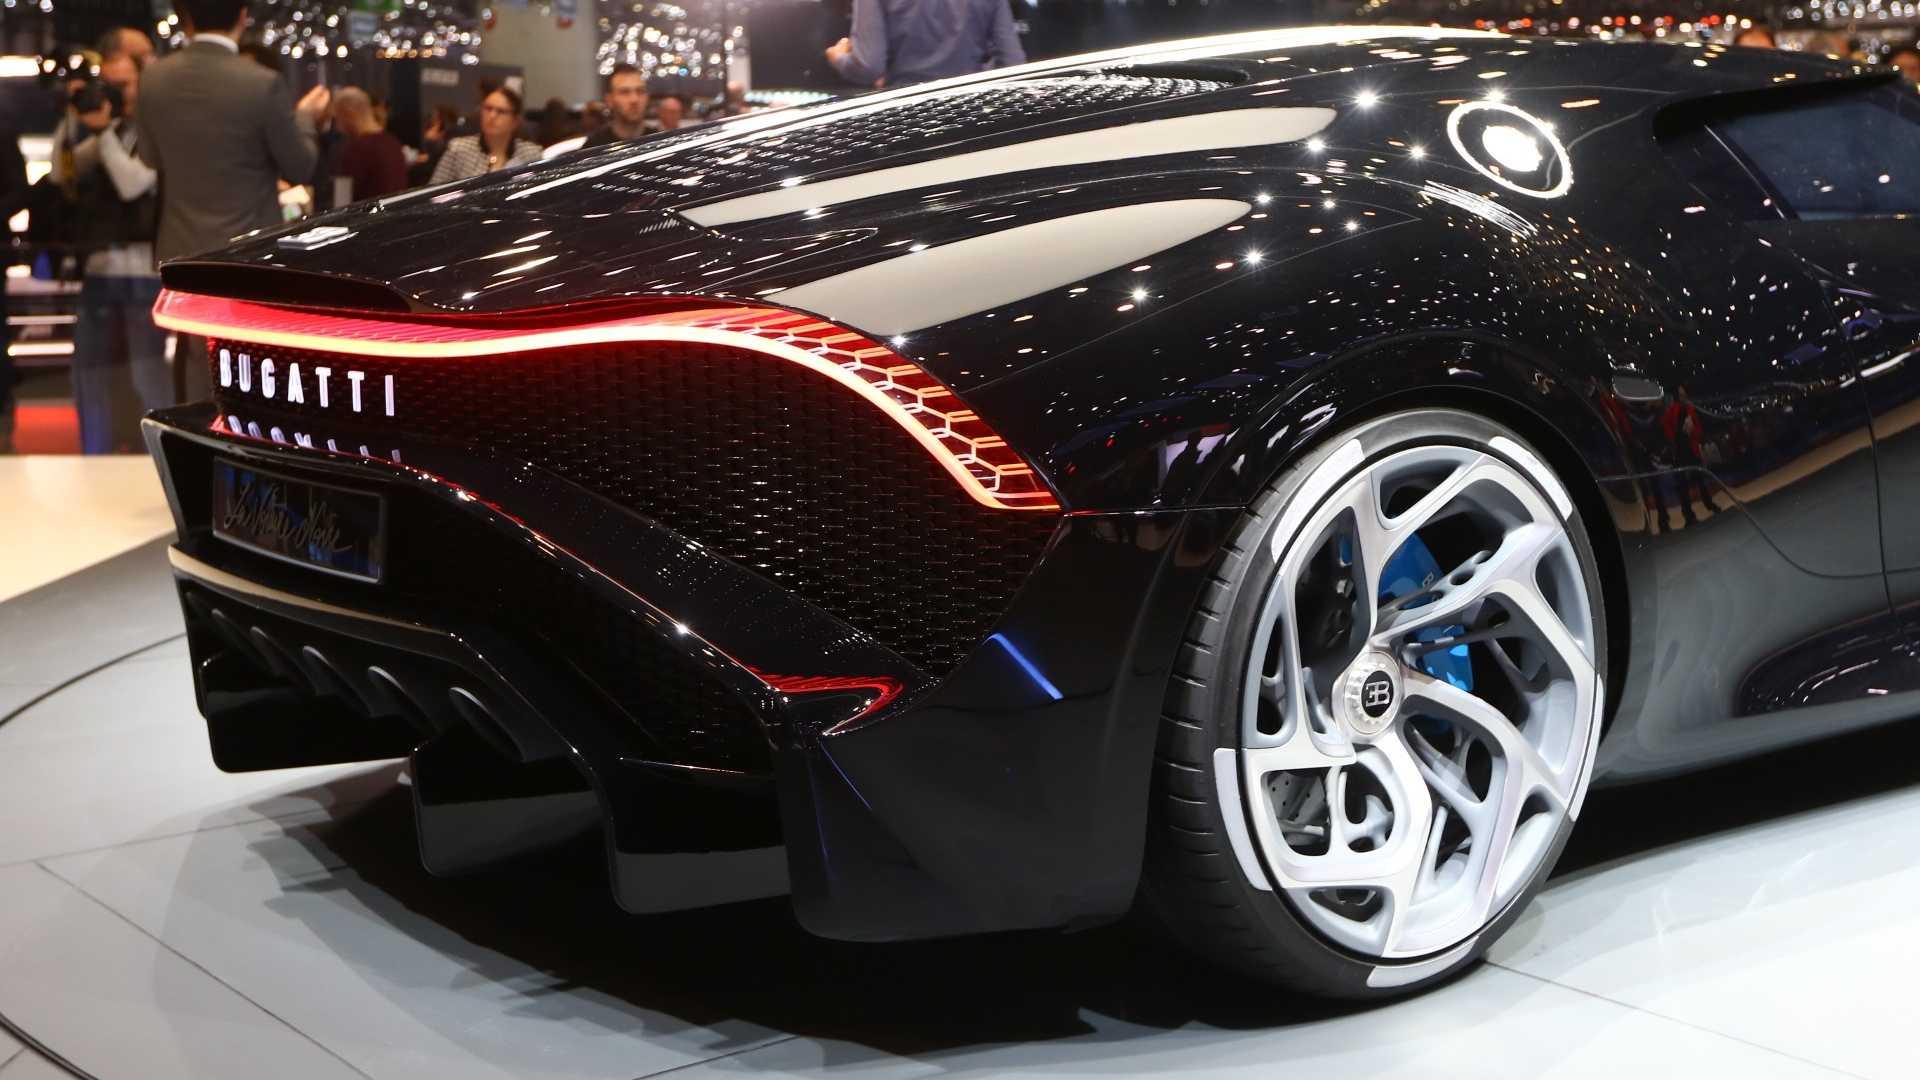 Bugatti La Voiture Noire: Most Expensive New Car Revealed